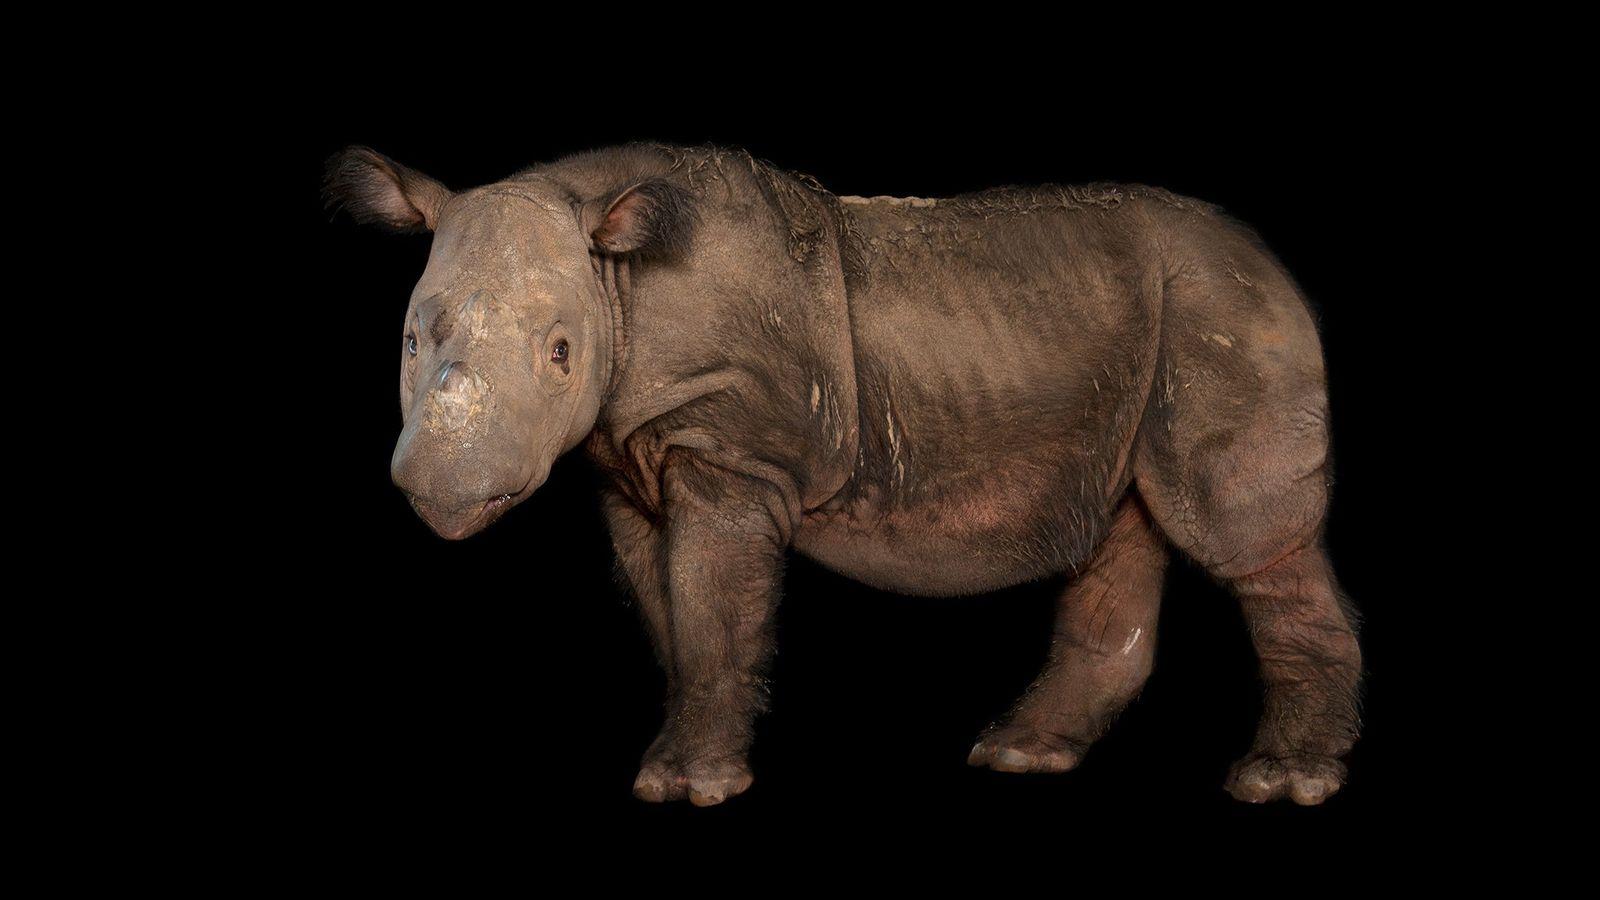 Um rinoceronte macho chamado Harapan, no Centro de Conservação de White Oak, na Flórida, onde viveu ...